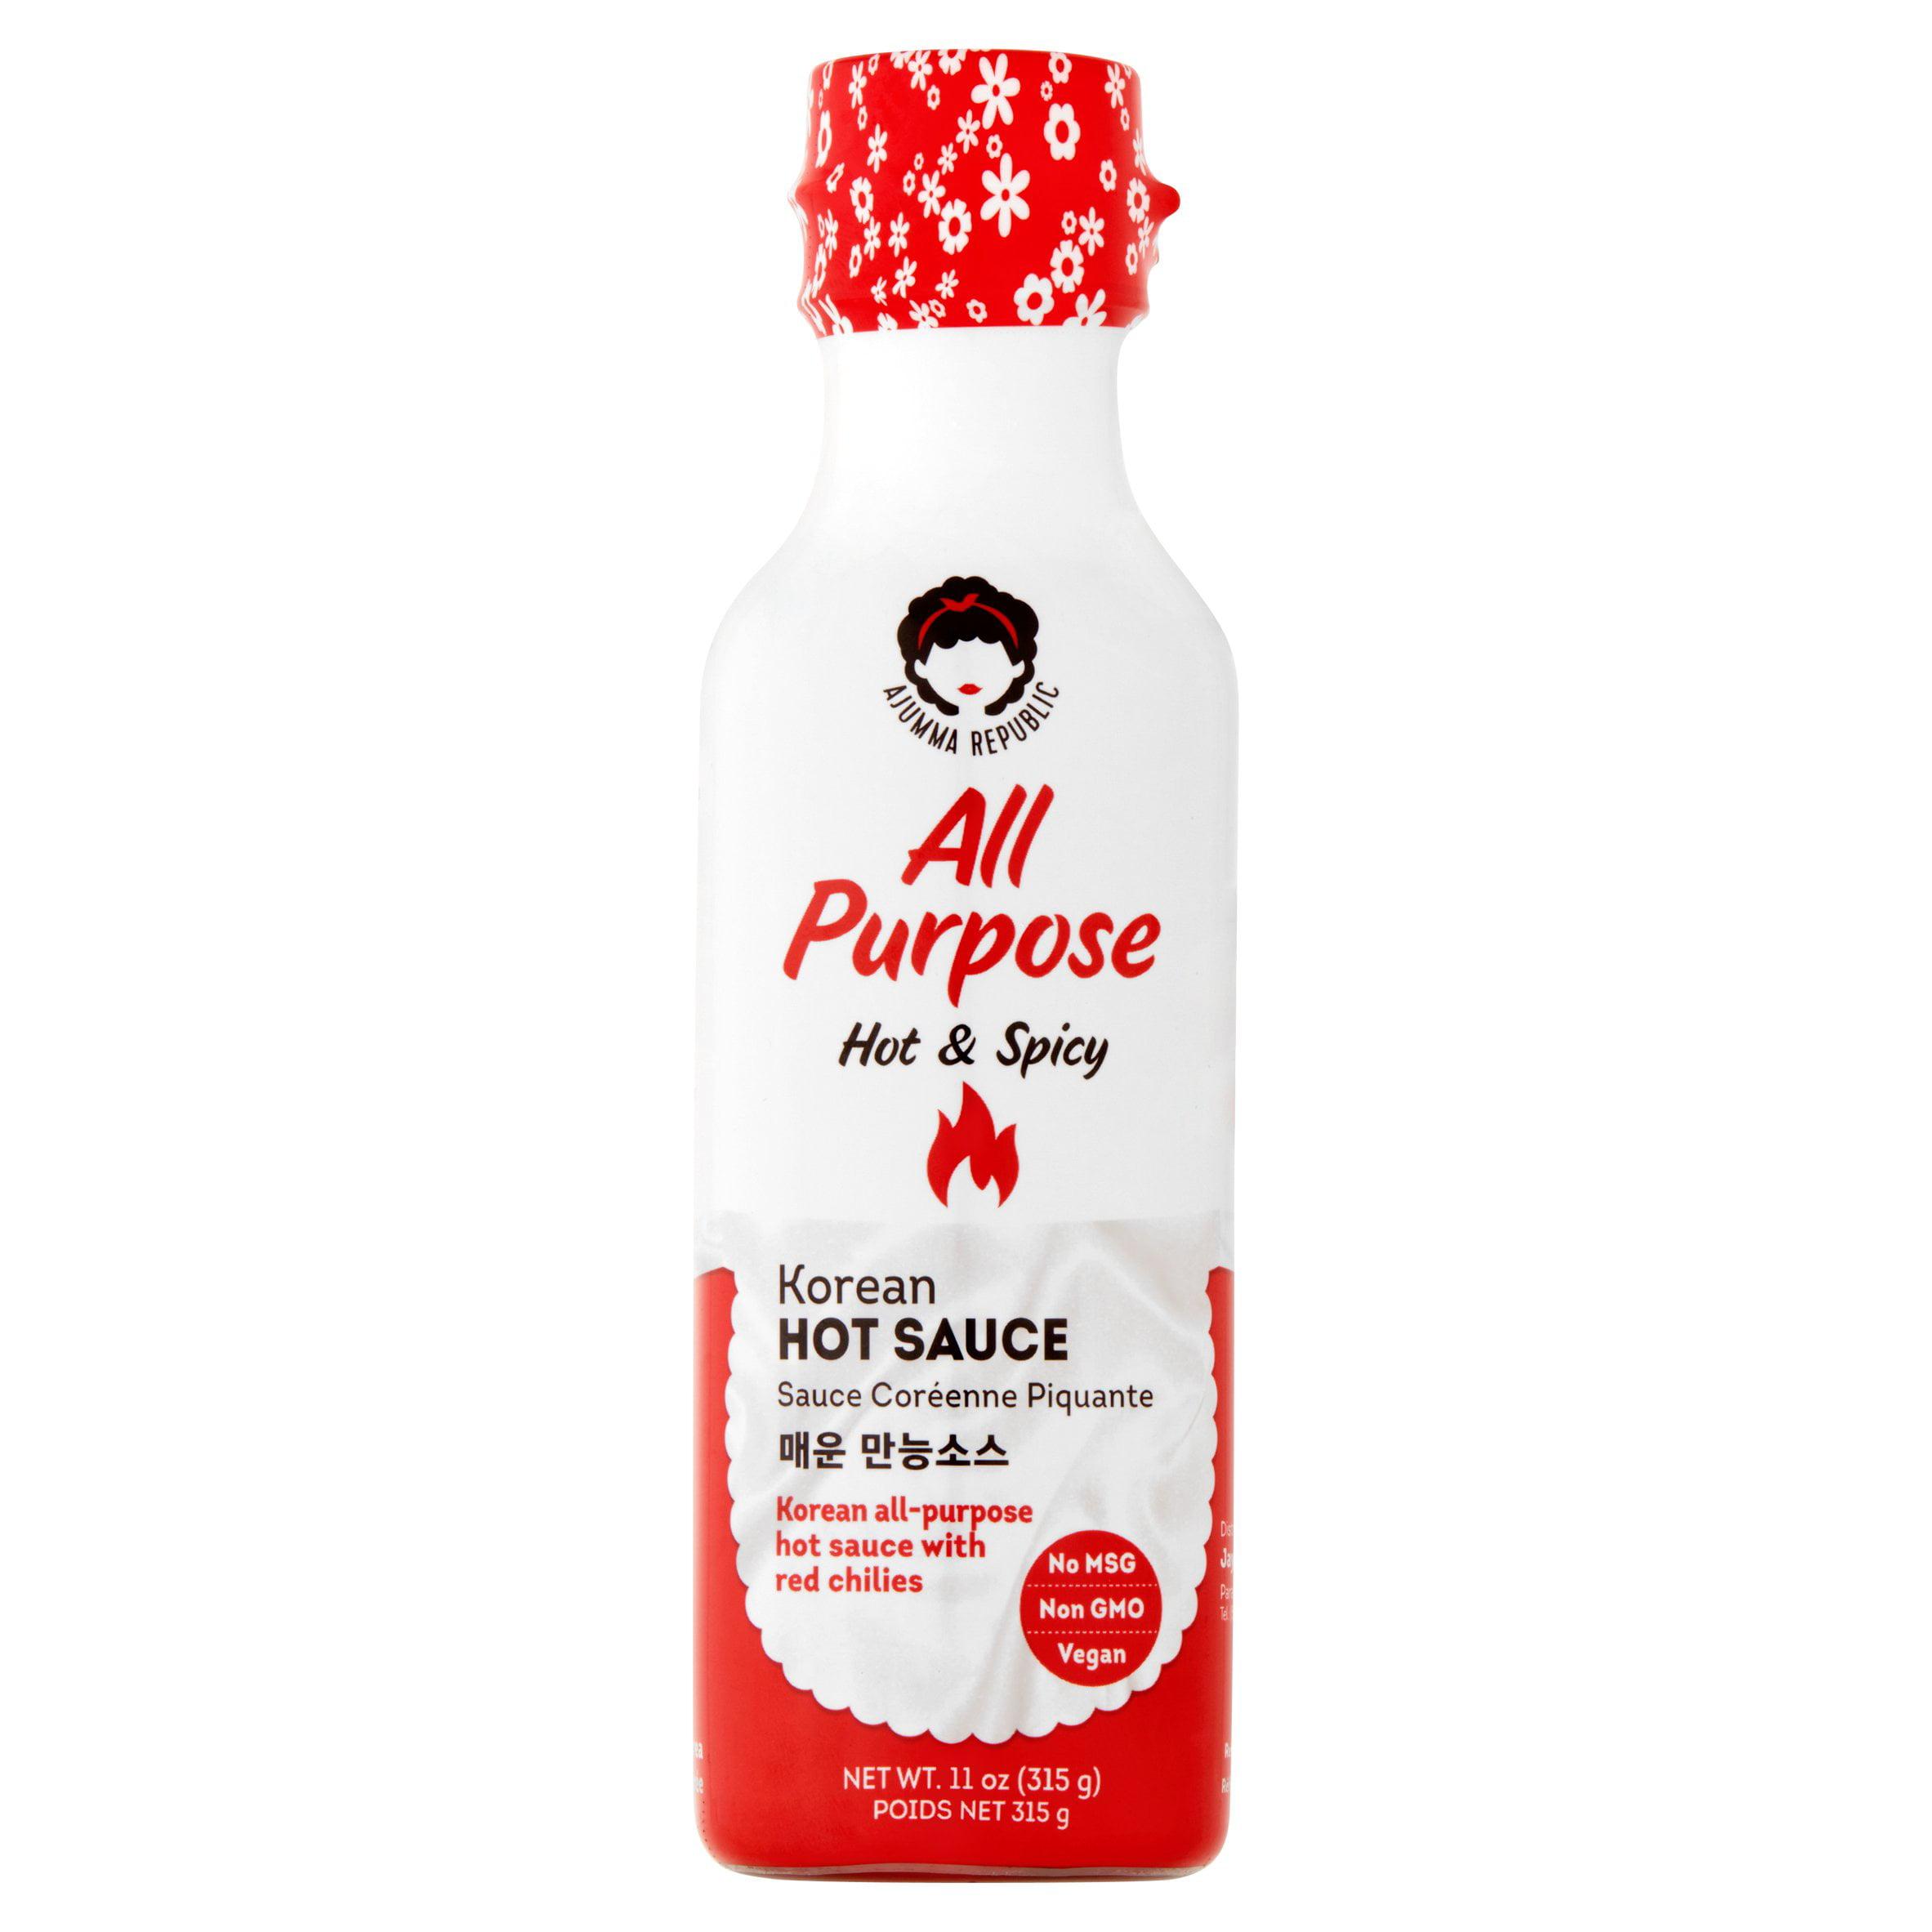 Image of Ajumma Republic All Purpose Hot & Spicy Sauce, 10.58 oz